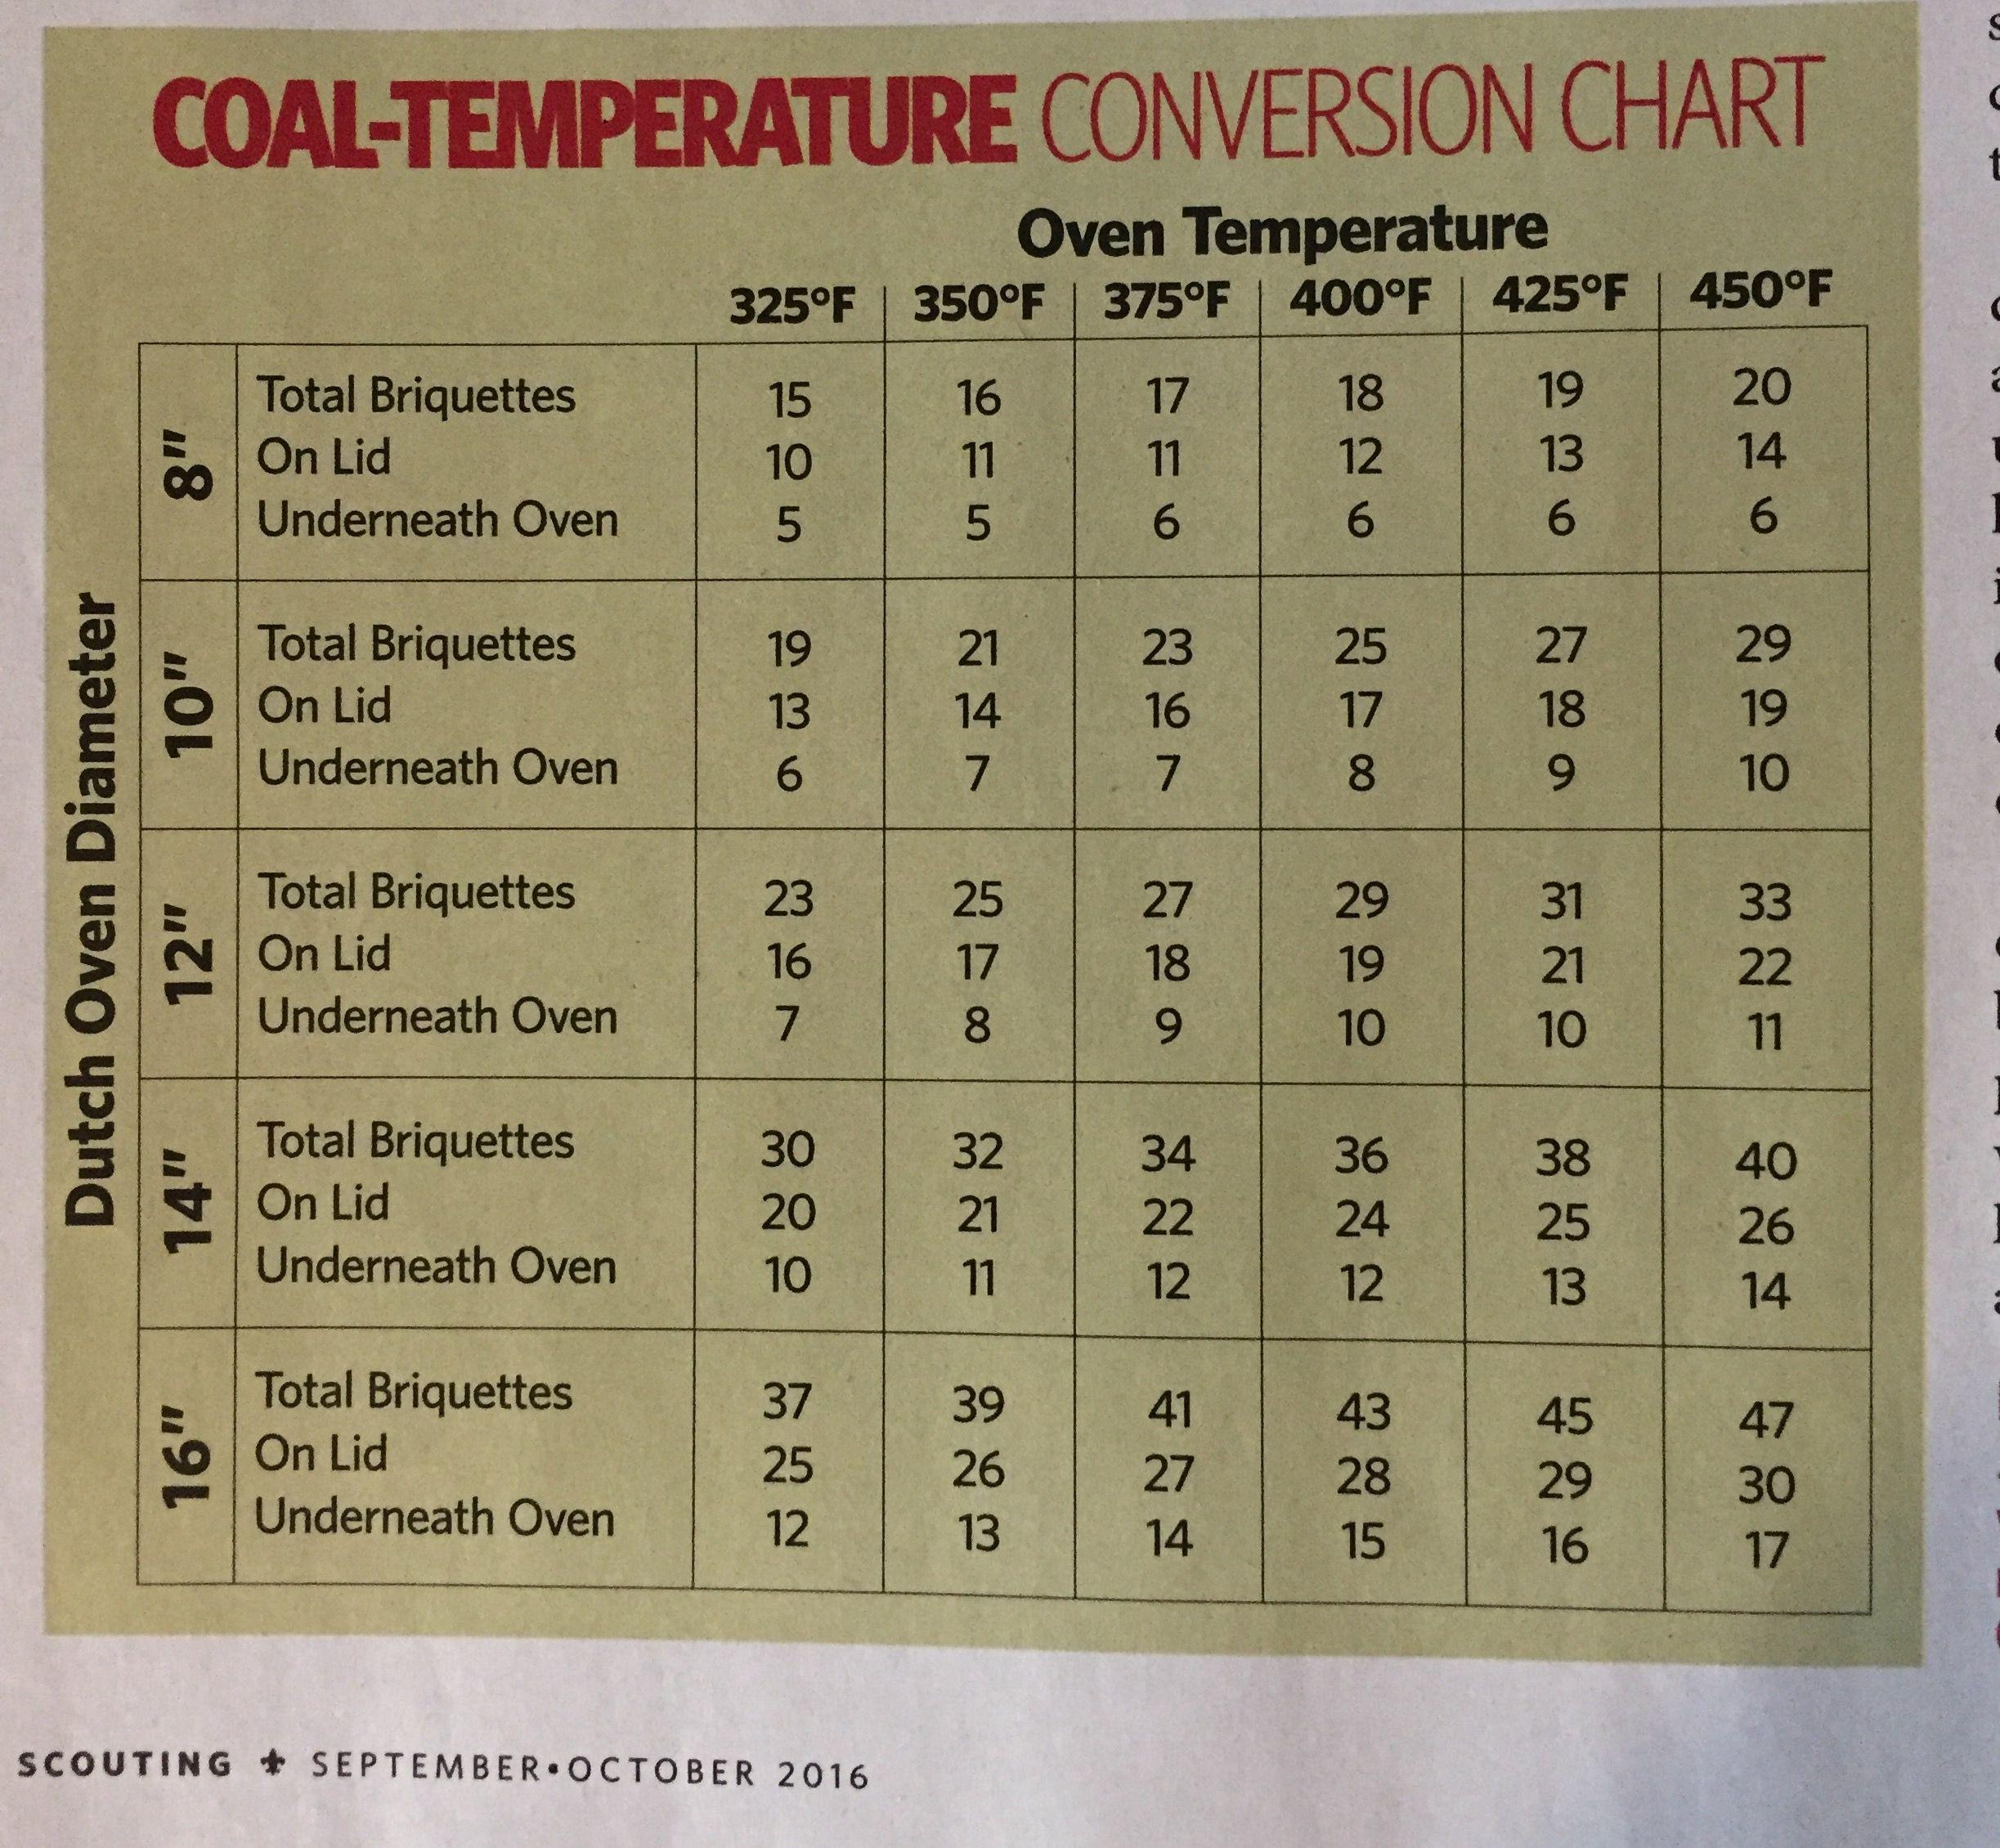 Dutch Oven Coal Temperature Conversion Chart